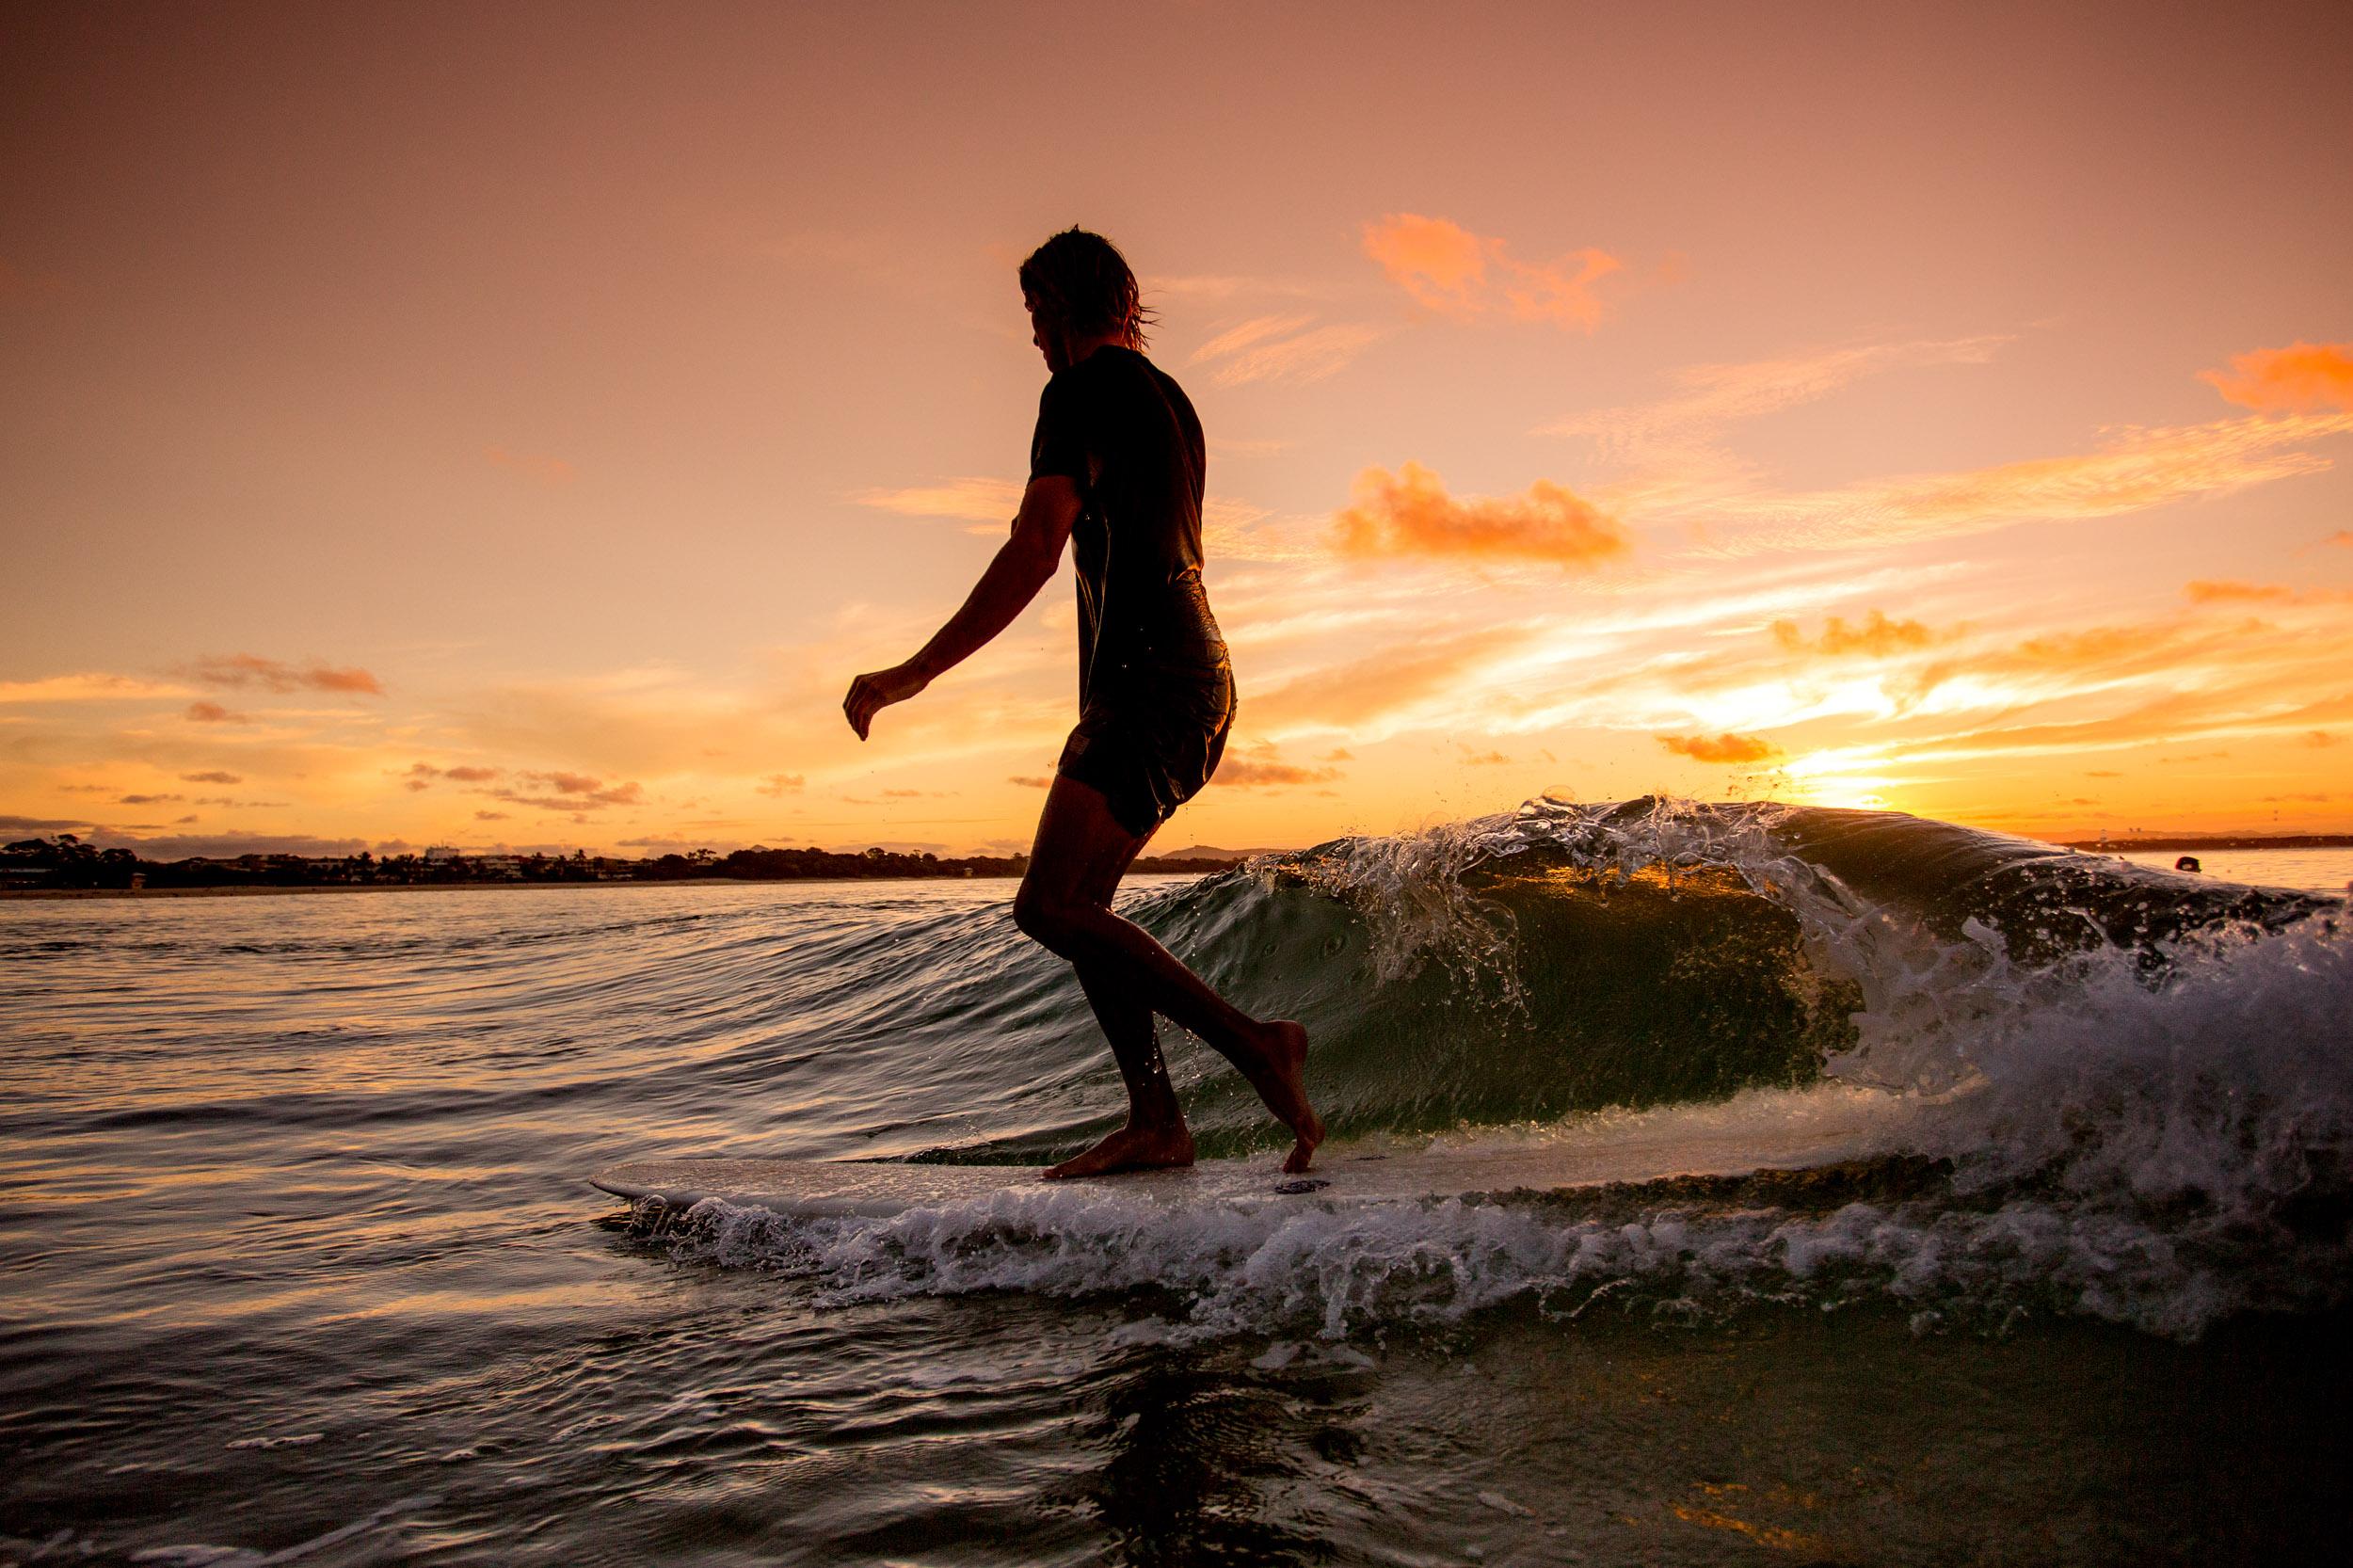 longboarding-noosa-points.jpg